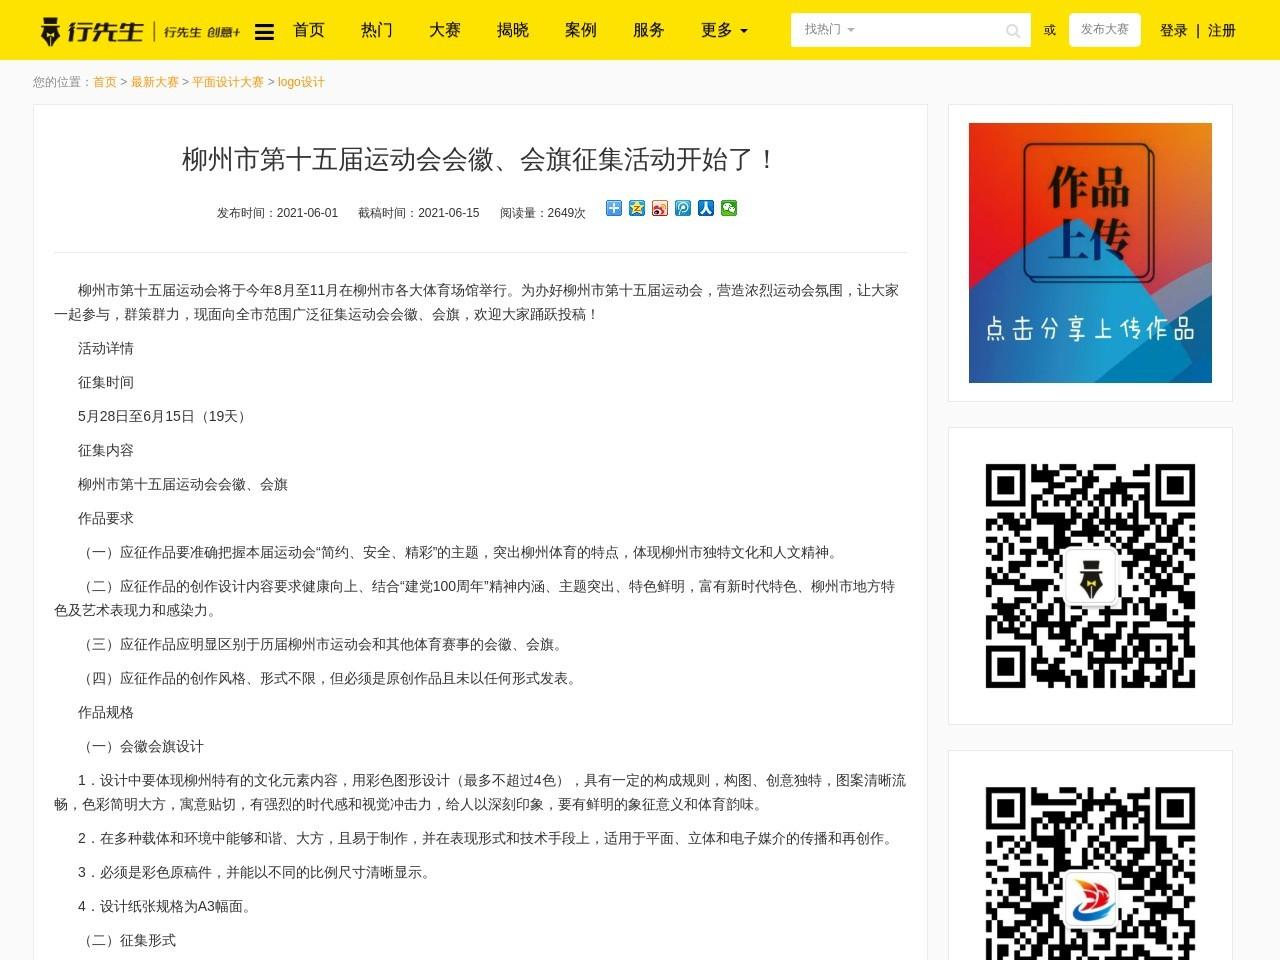 柳州市第十五届运动会会徽、会旗征集活动开始了!